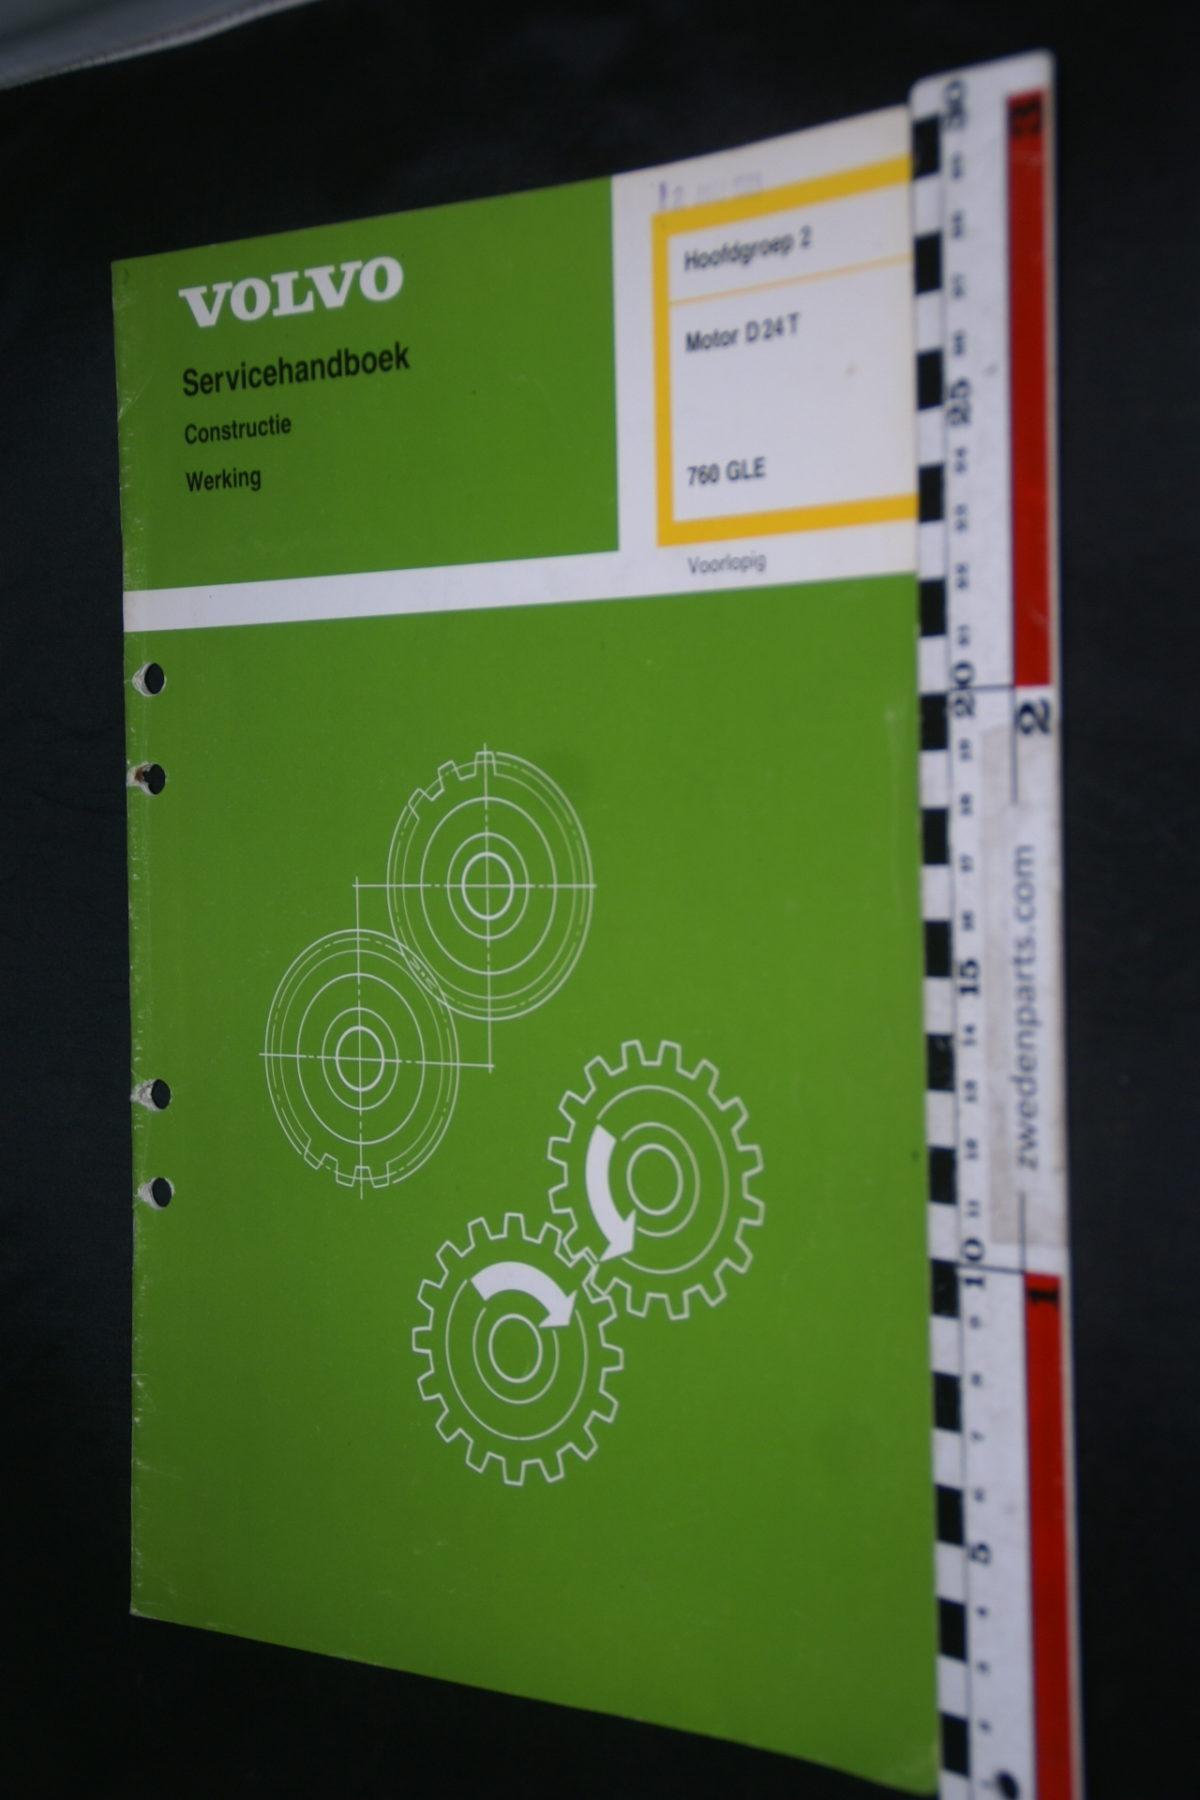 DSC08644 1988 origineel Volvo 760GLE servicehandboek  2 motor D24T1 van 800 TP 30589-1